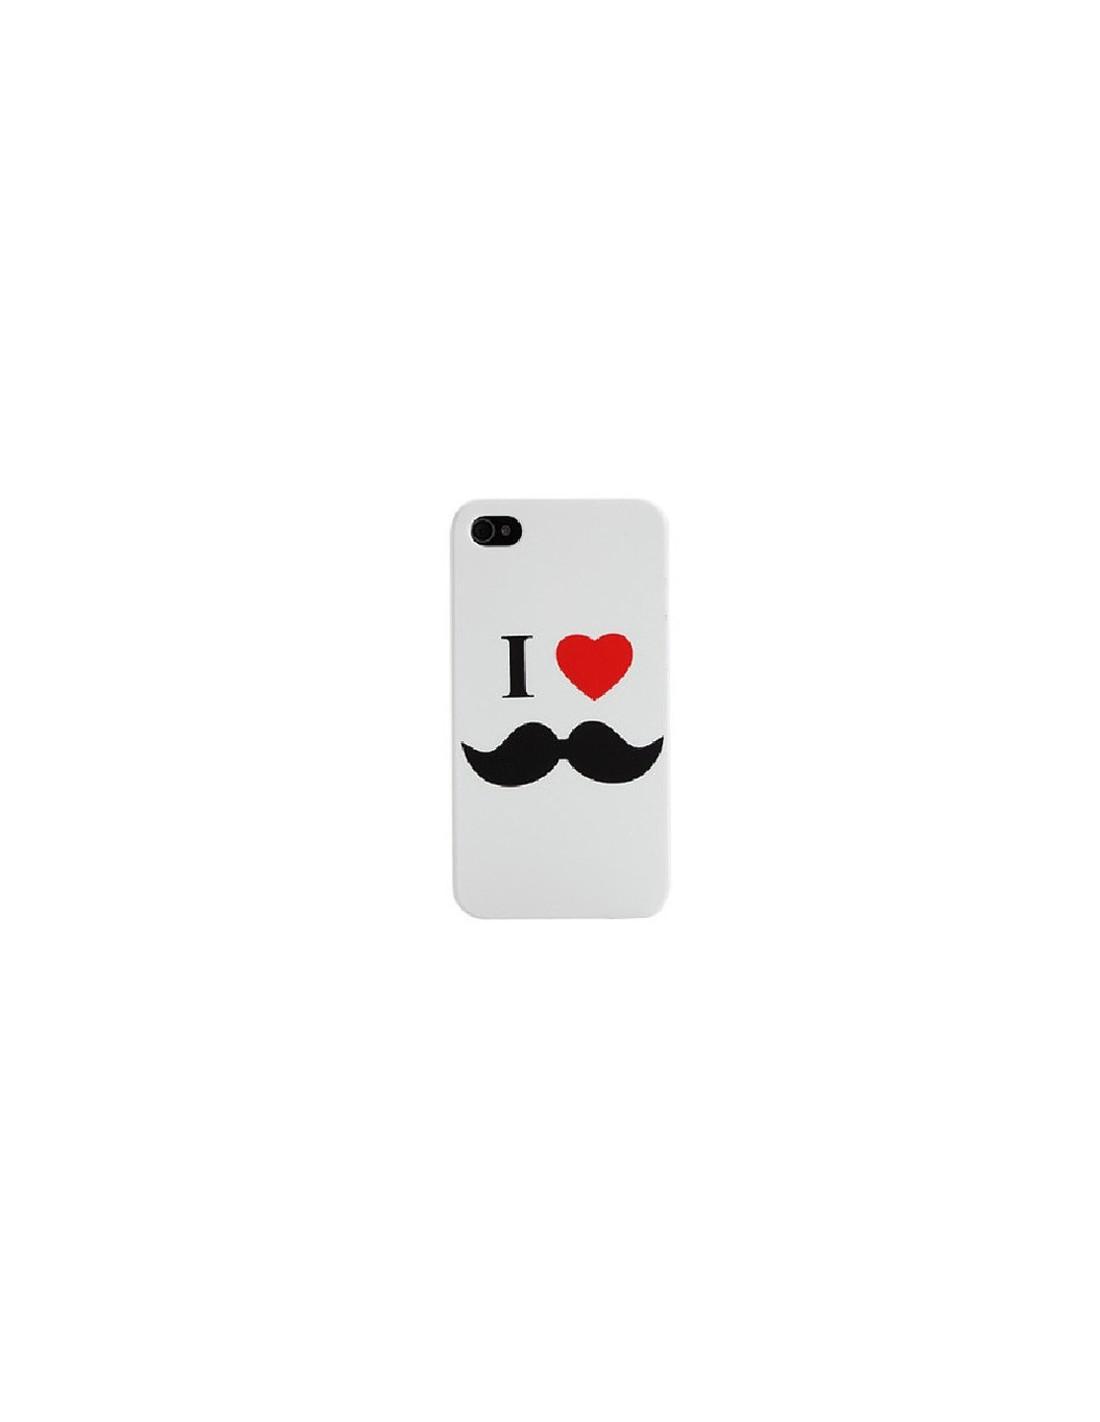 coque i love moustache pour iphone 4 4s. Black Bedroom Furniture Sets. Home Design Ideas